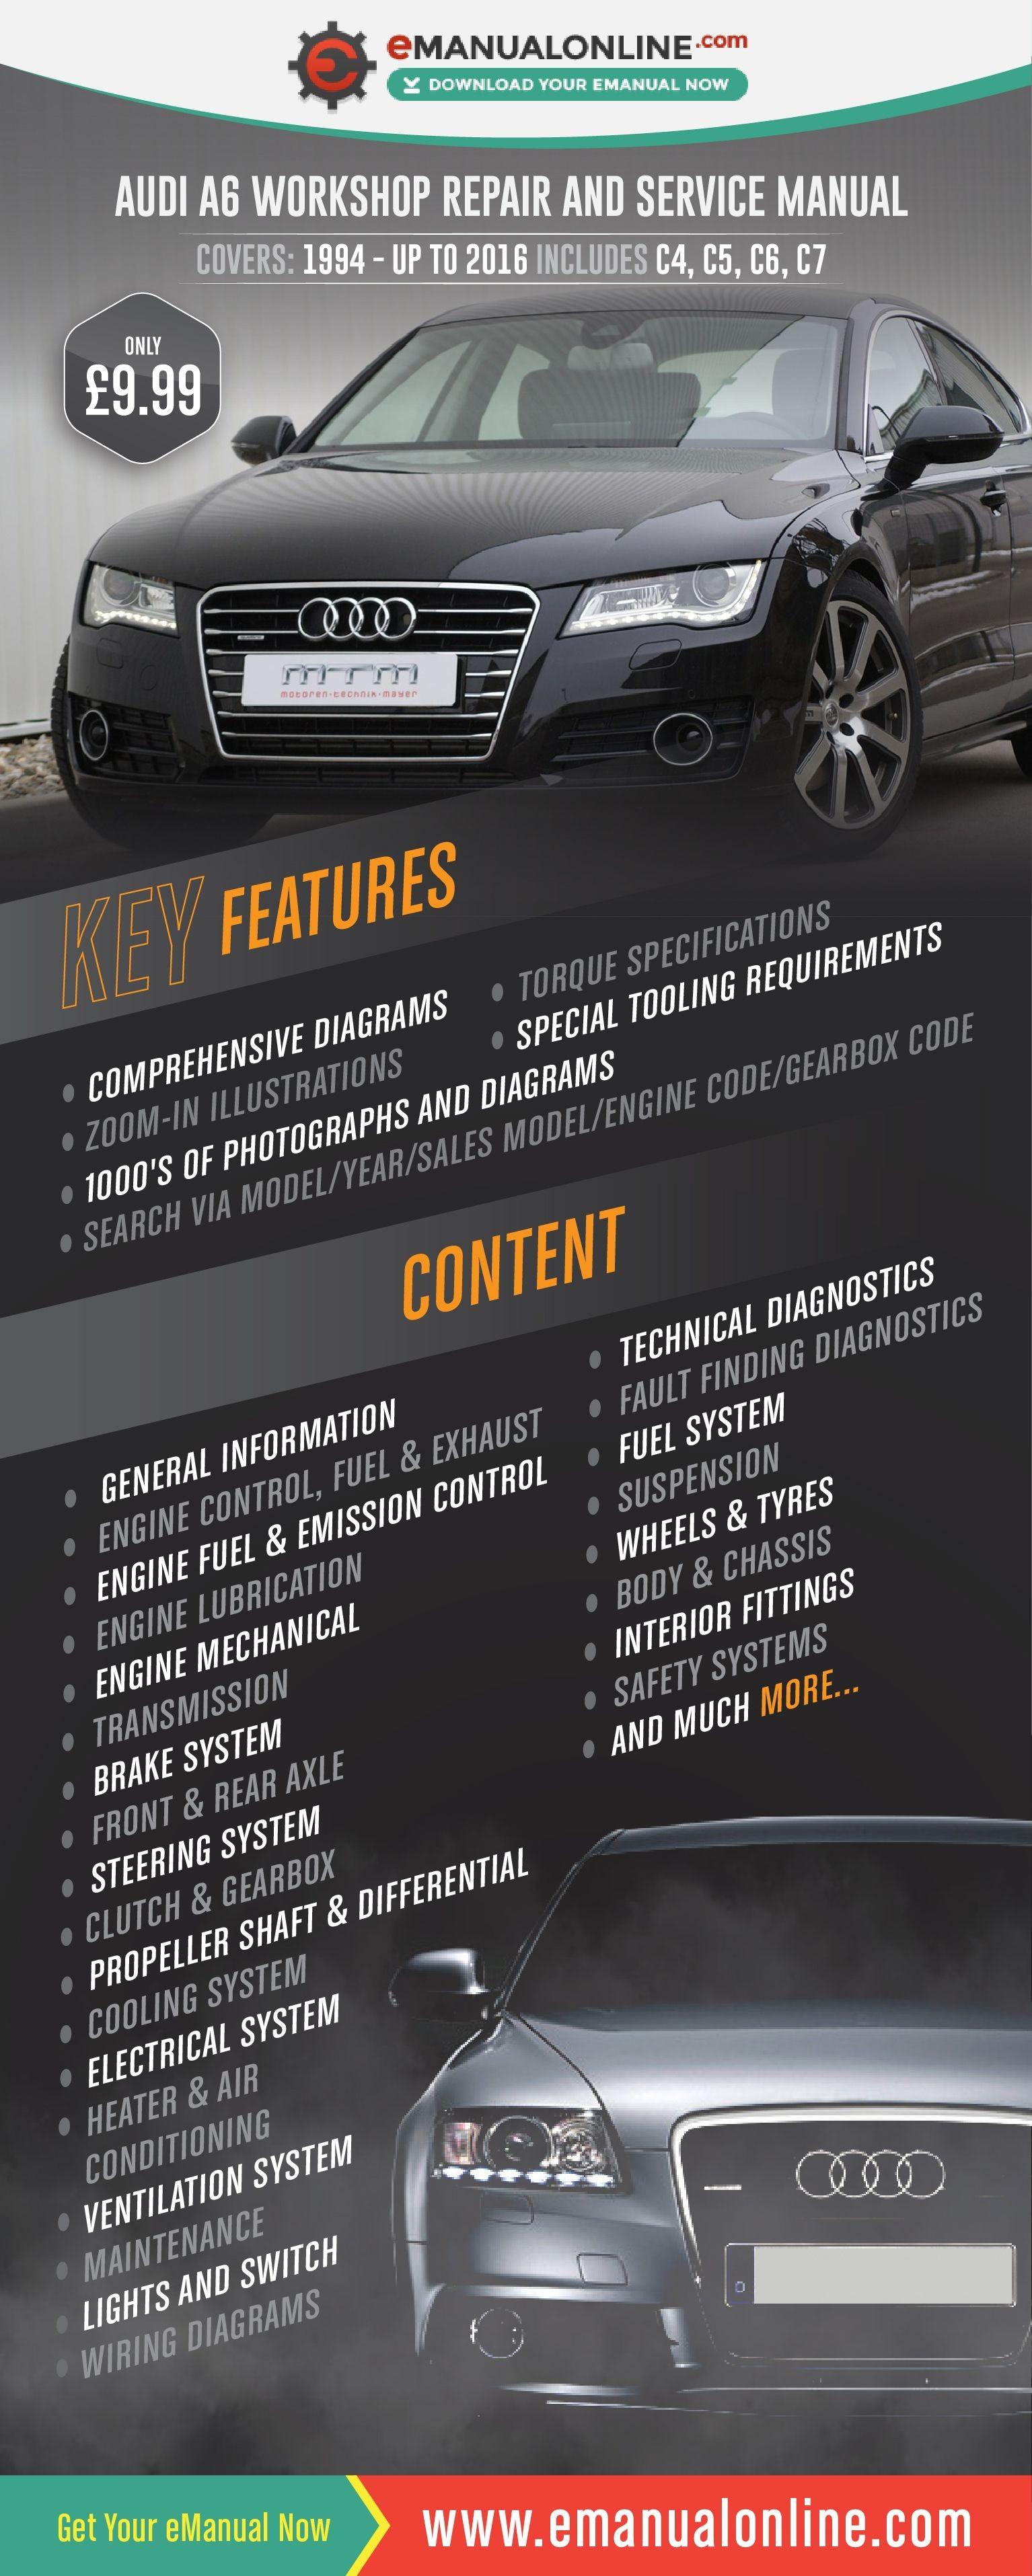 Suspension Diagram Car Audi A6 Workshop Repair and Service Manual Holidays Of Suspension Diagram Car